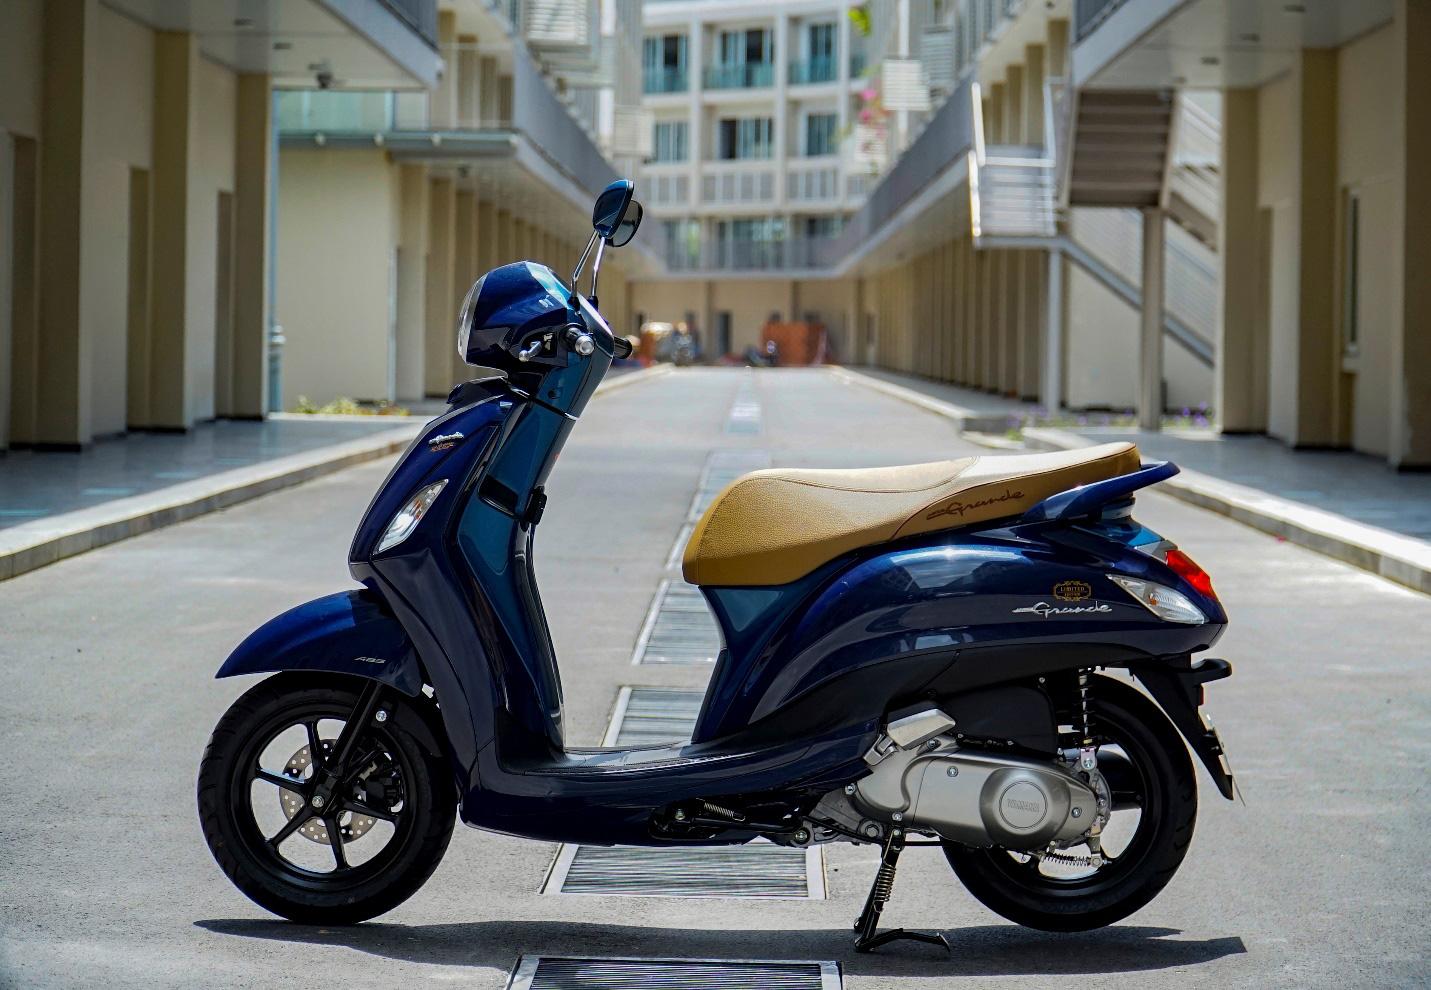 """Đánh giá Yamaha Grande – Có xứng danh """"nữ hoàng"""" xe tay ga tiết kiệm nhiên liệu số 1 Việt Nam? - Ảnh 2."""